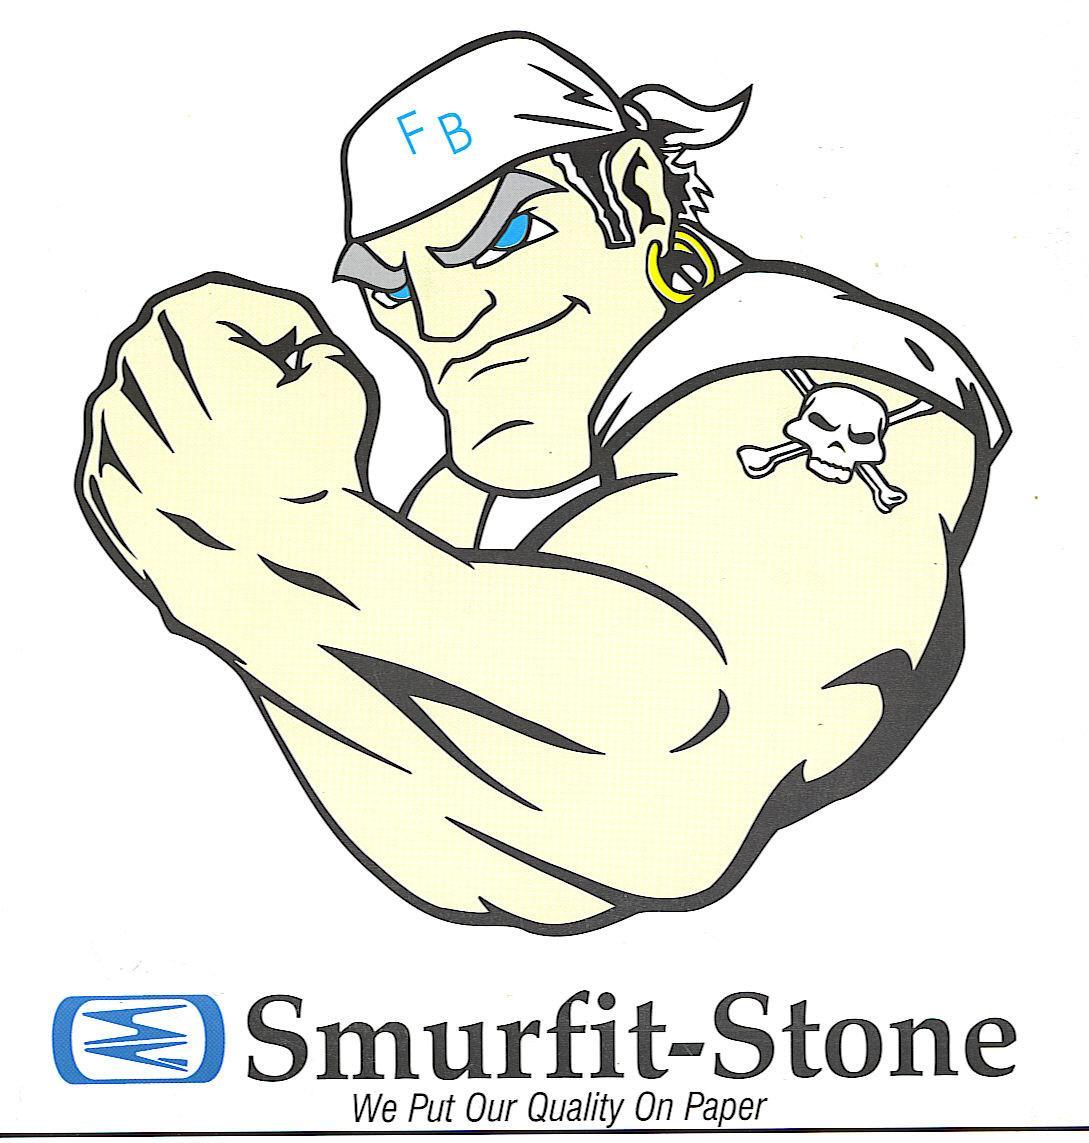 Smurfit Stone